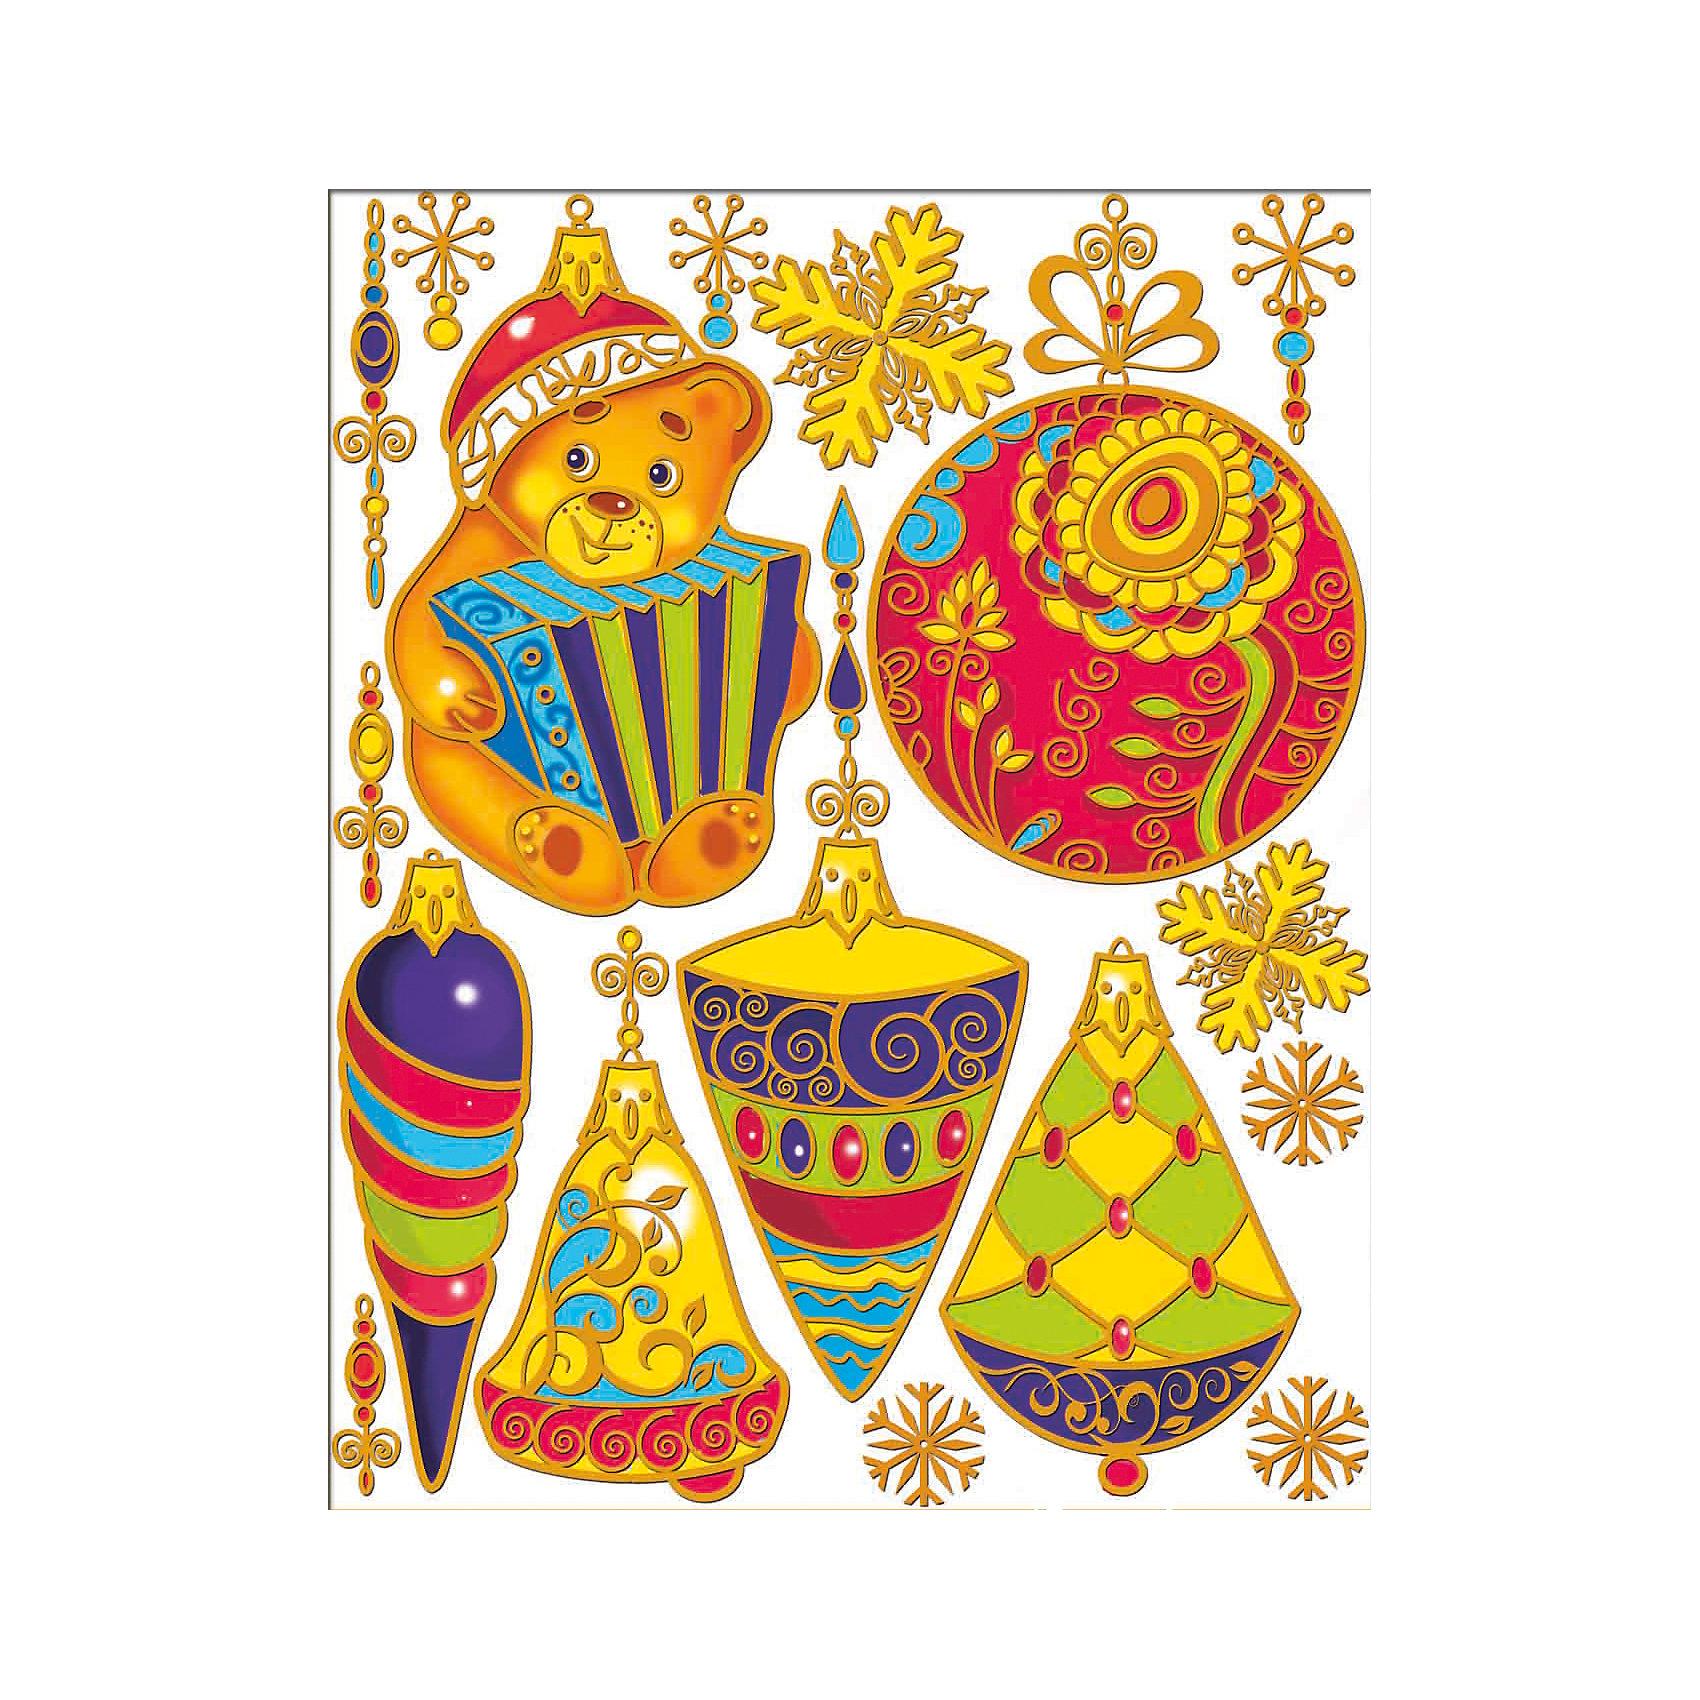 Наклейки на окно Елочные игрушки 30*38 смУкрашение на окно Елочные игрушки, Феникс-презент, замечательно украсит Ваш интерьер и создаст праздничное новогоднее настроение. В комплекте несколько красочных наклеек с изображениями нарядных елочных игрушек и красивых снежинок. Рисунки декорировано глиттером и золотистыми блестками. Прочно крепятся к стеклу с помощью прозрачной клейкой пленки, на которую нанесены рисунки.<br><br><br>Дополнительная информация:<br><br>- Материал: ПВХ пленка.<br>- Размер листа с наклейками: 30 х 38 см.<br>- Размер наибольшей наклейки: 13 х 19,5 см.<br>- Размер наименьшей наклейки: 2,5 х 4 см. <br>- Вес: 73 гр. <br><br>Украшение на окно Елочные игрушки, Феникс-презент, можно купить в нашем интернет-магазине.<br><br>Ширина мм: 5<br>Глубина мм: 380<br>Высота мм: 300<br>Вес г: 73<br>Возраст от месяцев: 36<br>Возраст до месяцев: 2147483647<br>Пол: Унисекс<br>Возраст: Детский<br>SKU: 4274669